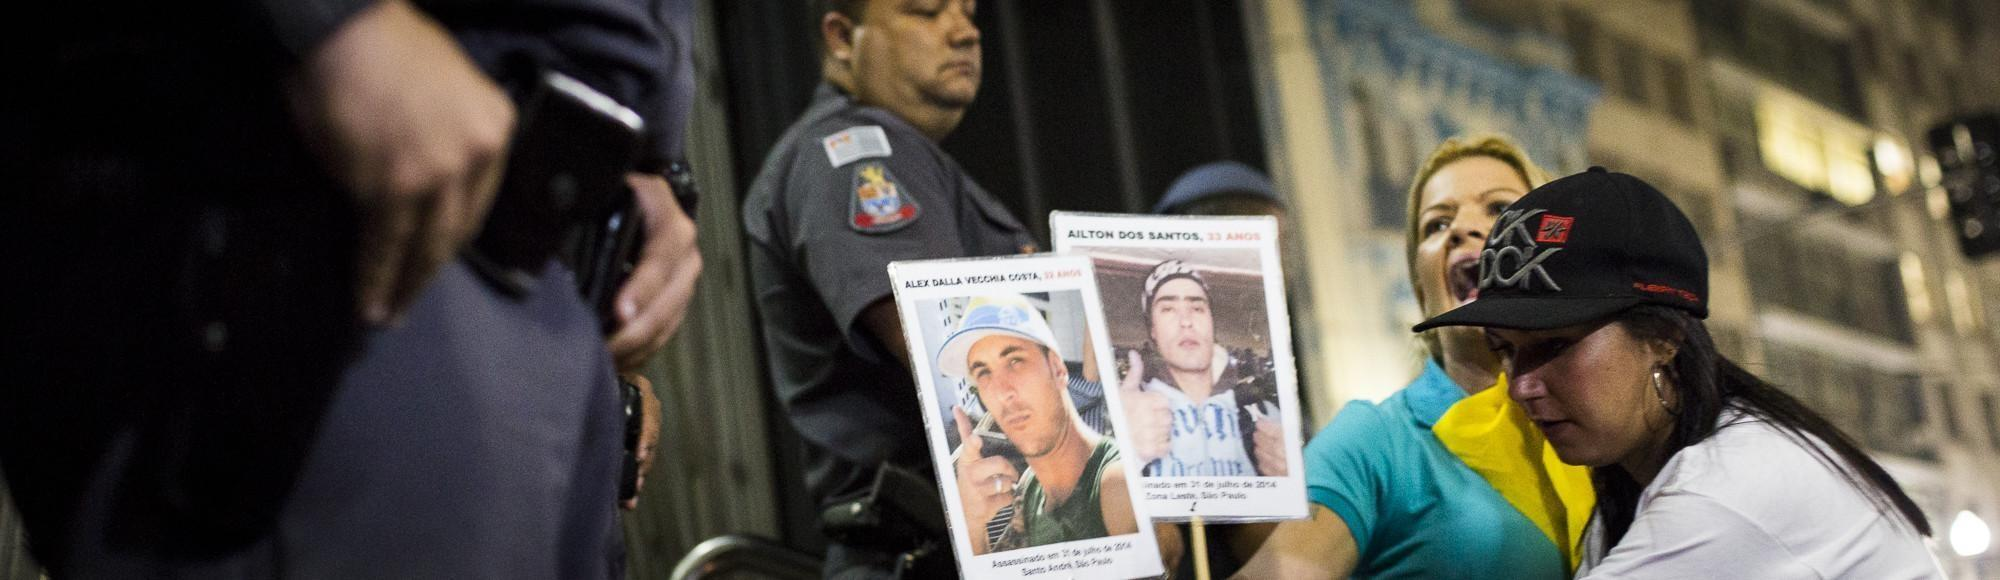 Um Ano Depois da Morte de Ald e Anormal, os Pixadores Ainda Clamam por Justiça